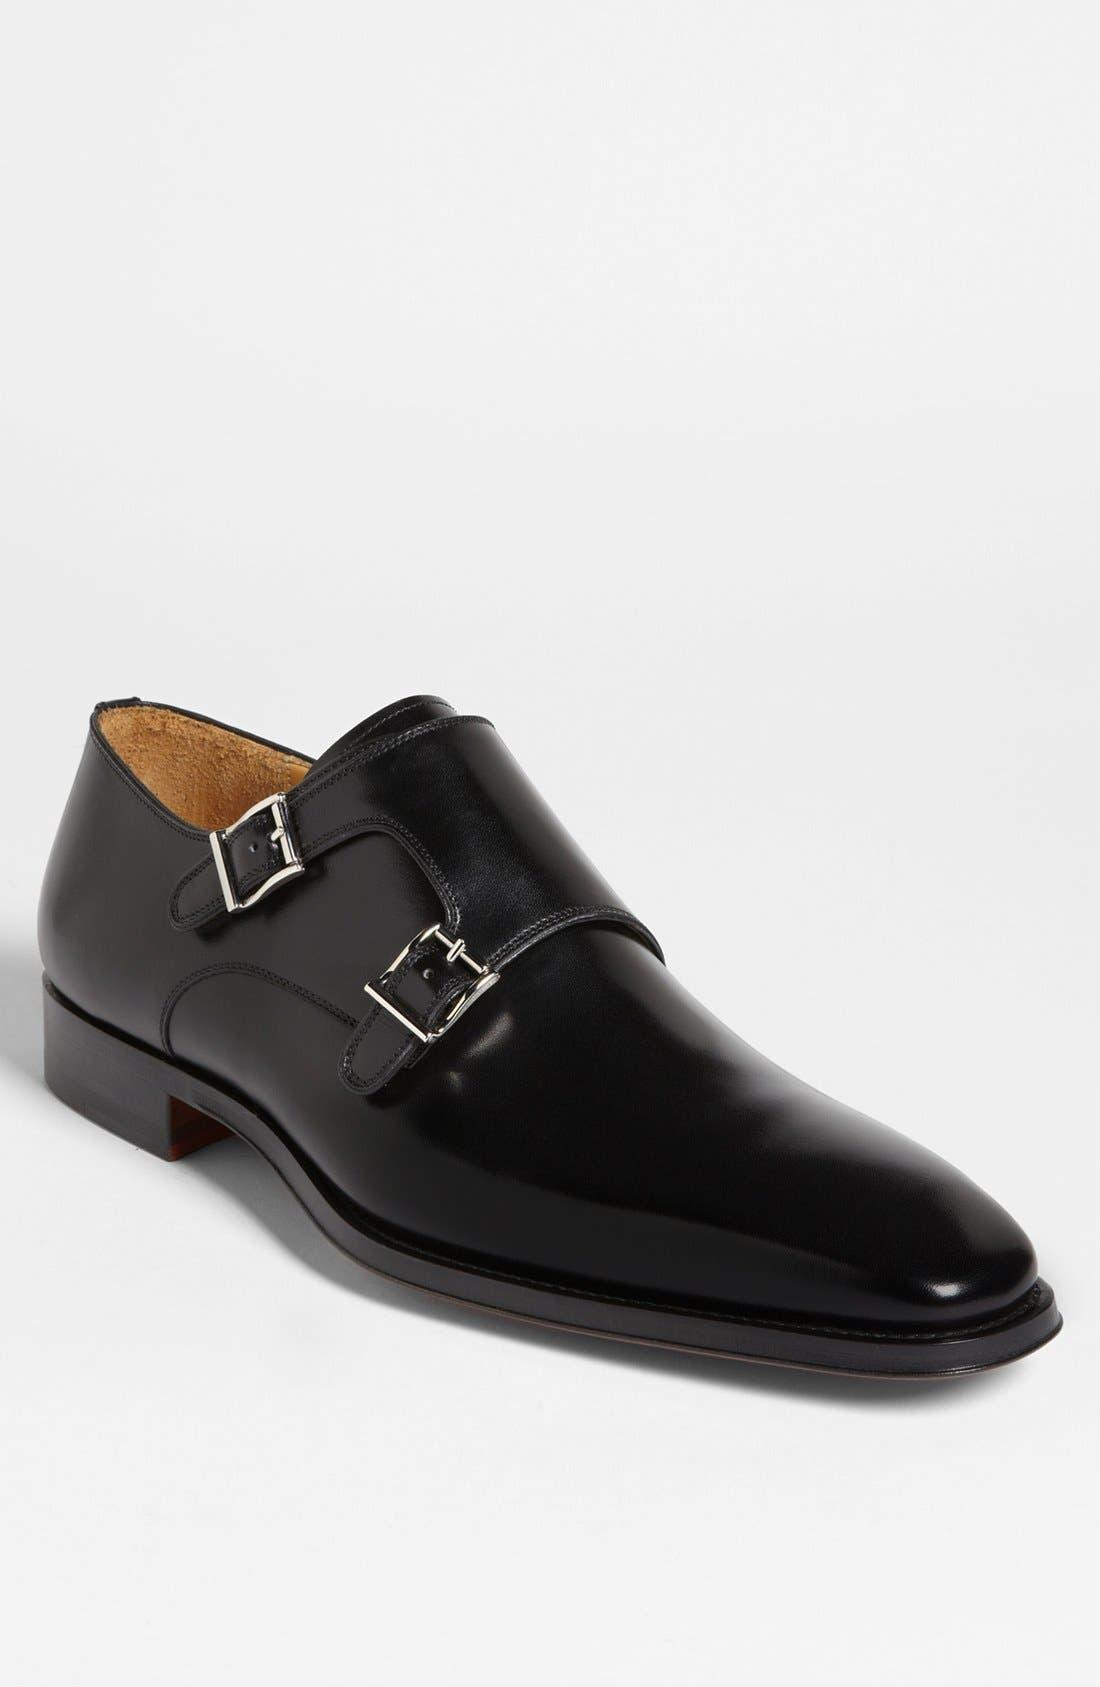 Main Image - Magnanni 'Miro' Double Monk Strap Shoe (Men)